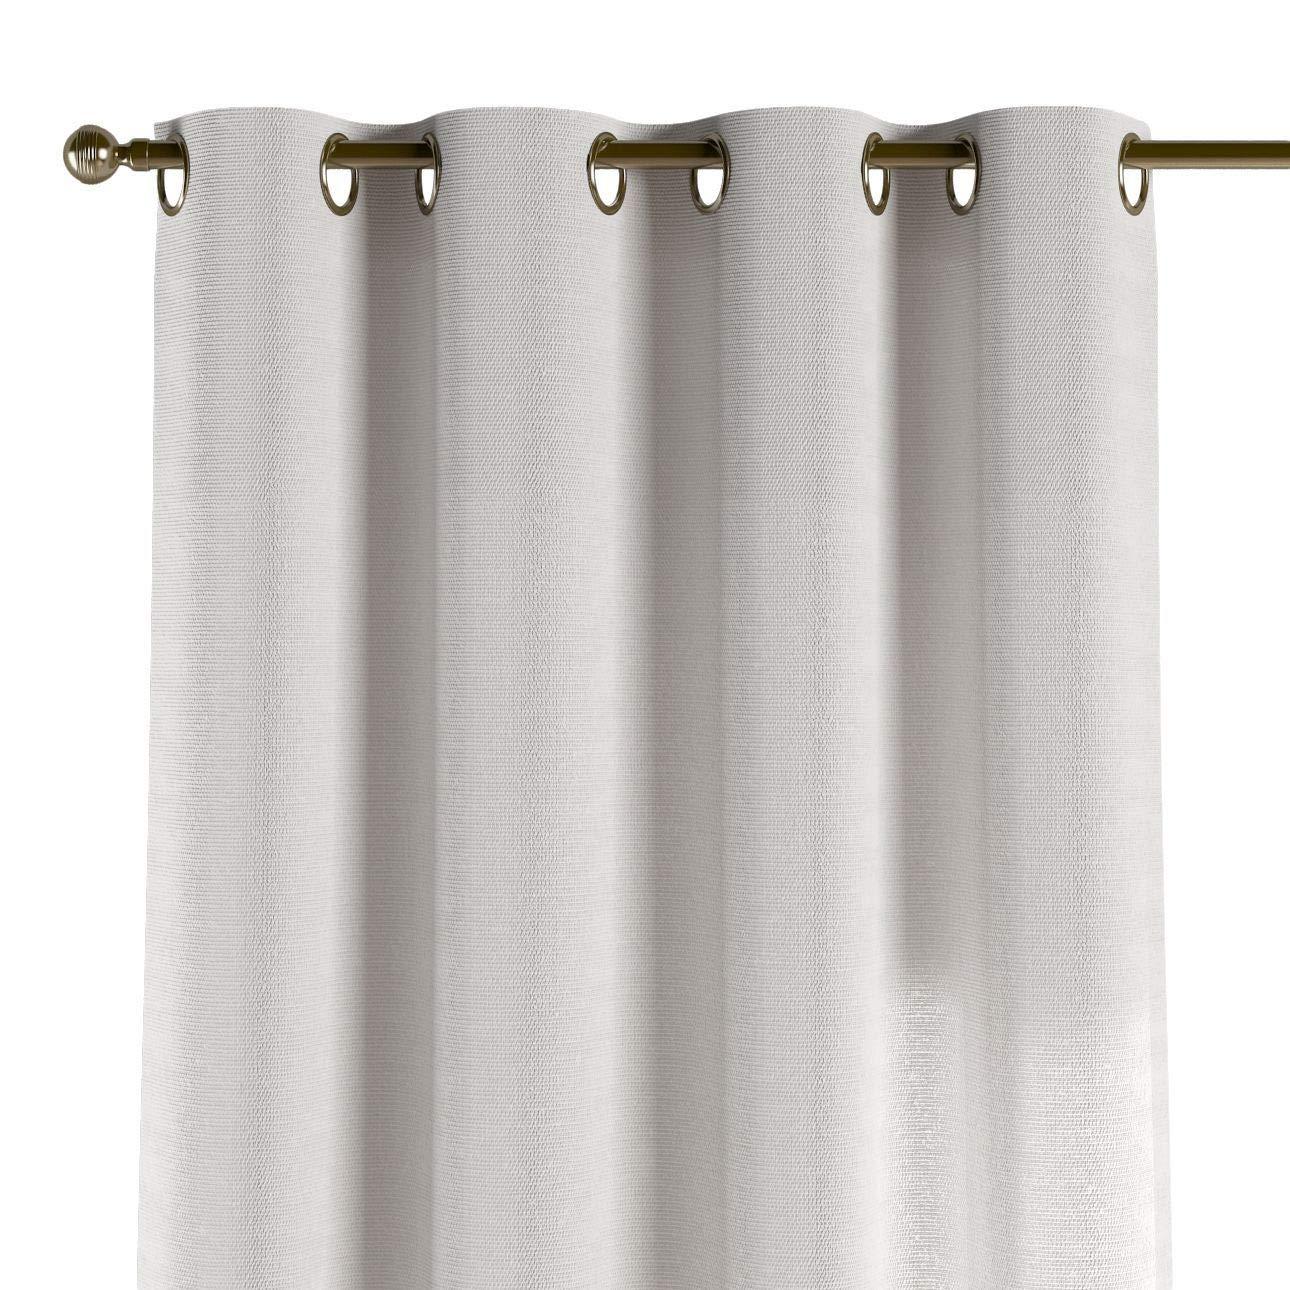 Dekoria Ösenschal Dekoschal Blickdicht 1 Stck. 130 × 260 cm weiß Maßanfertigung möglich